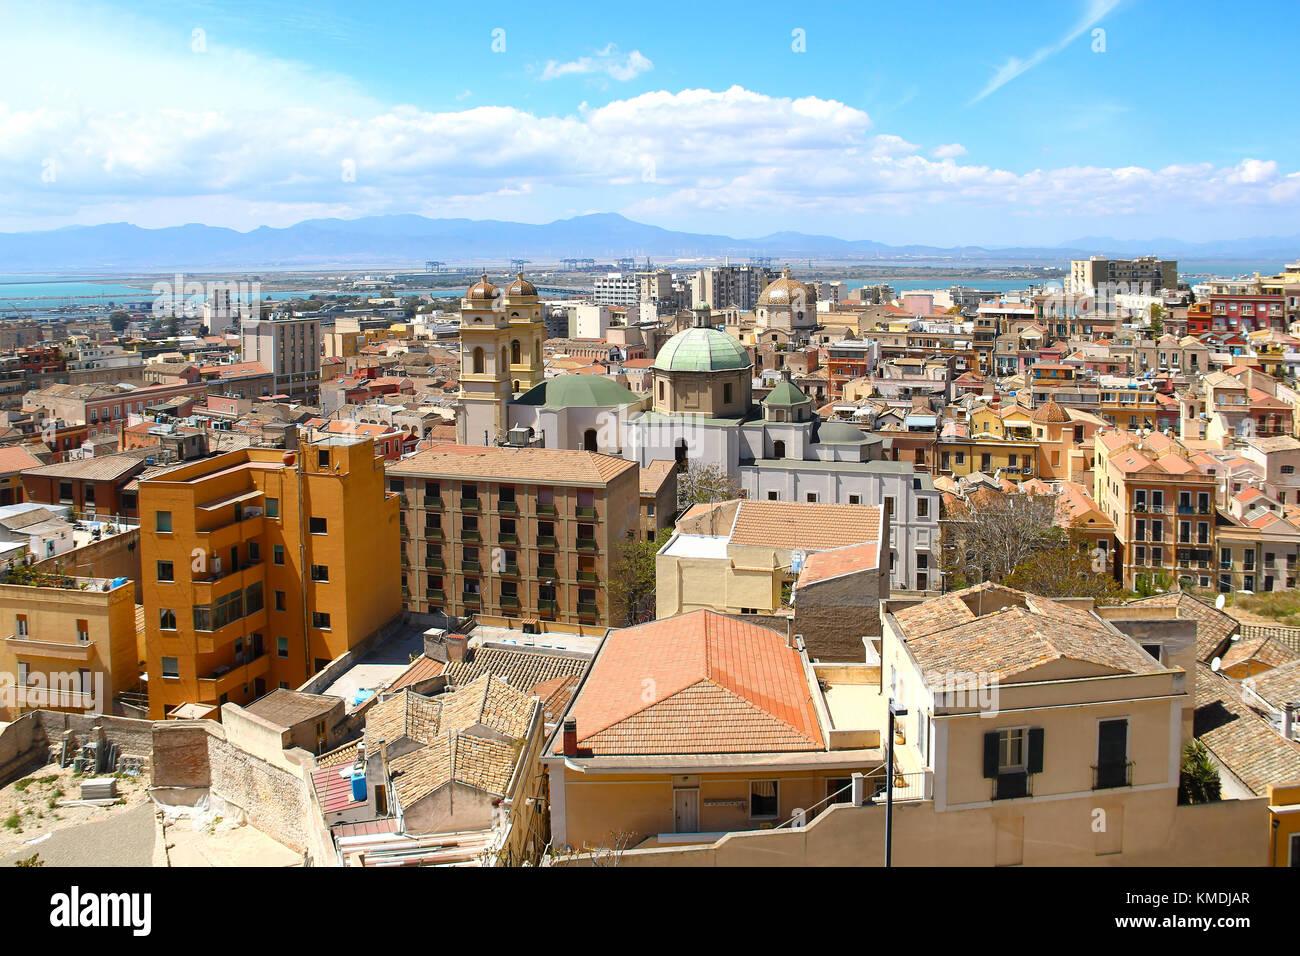 La città di Cagliari, Sardegna, Italia Immagini Stock